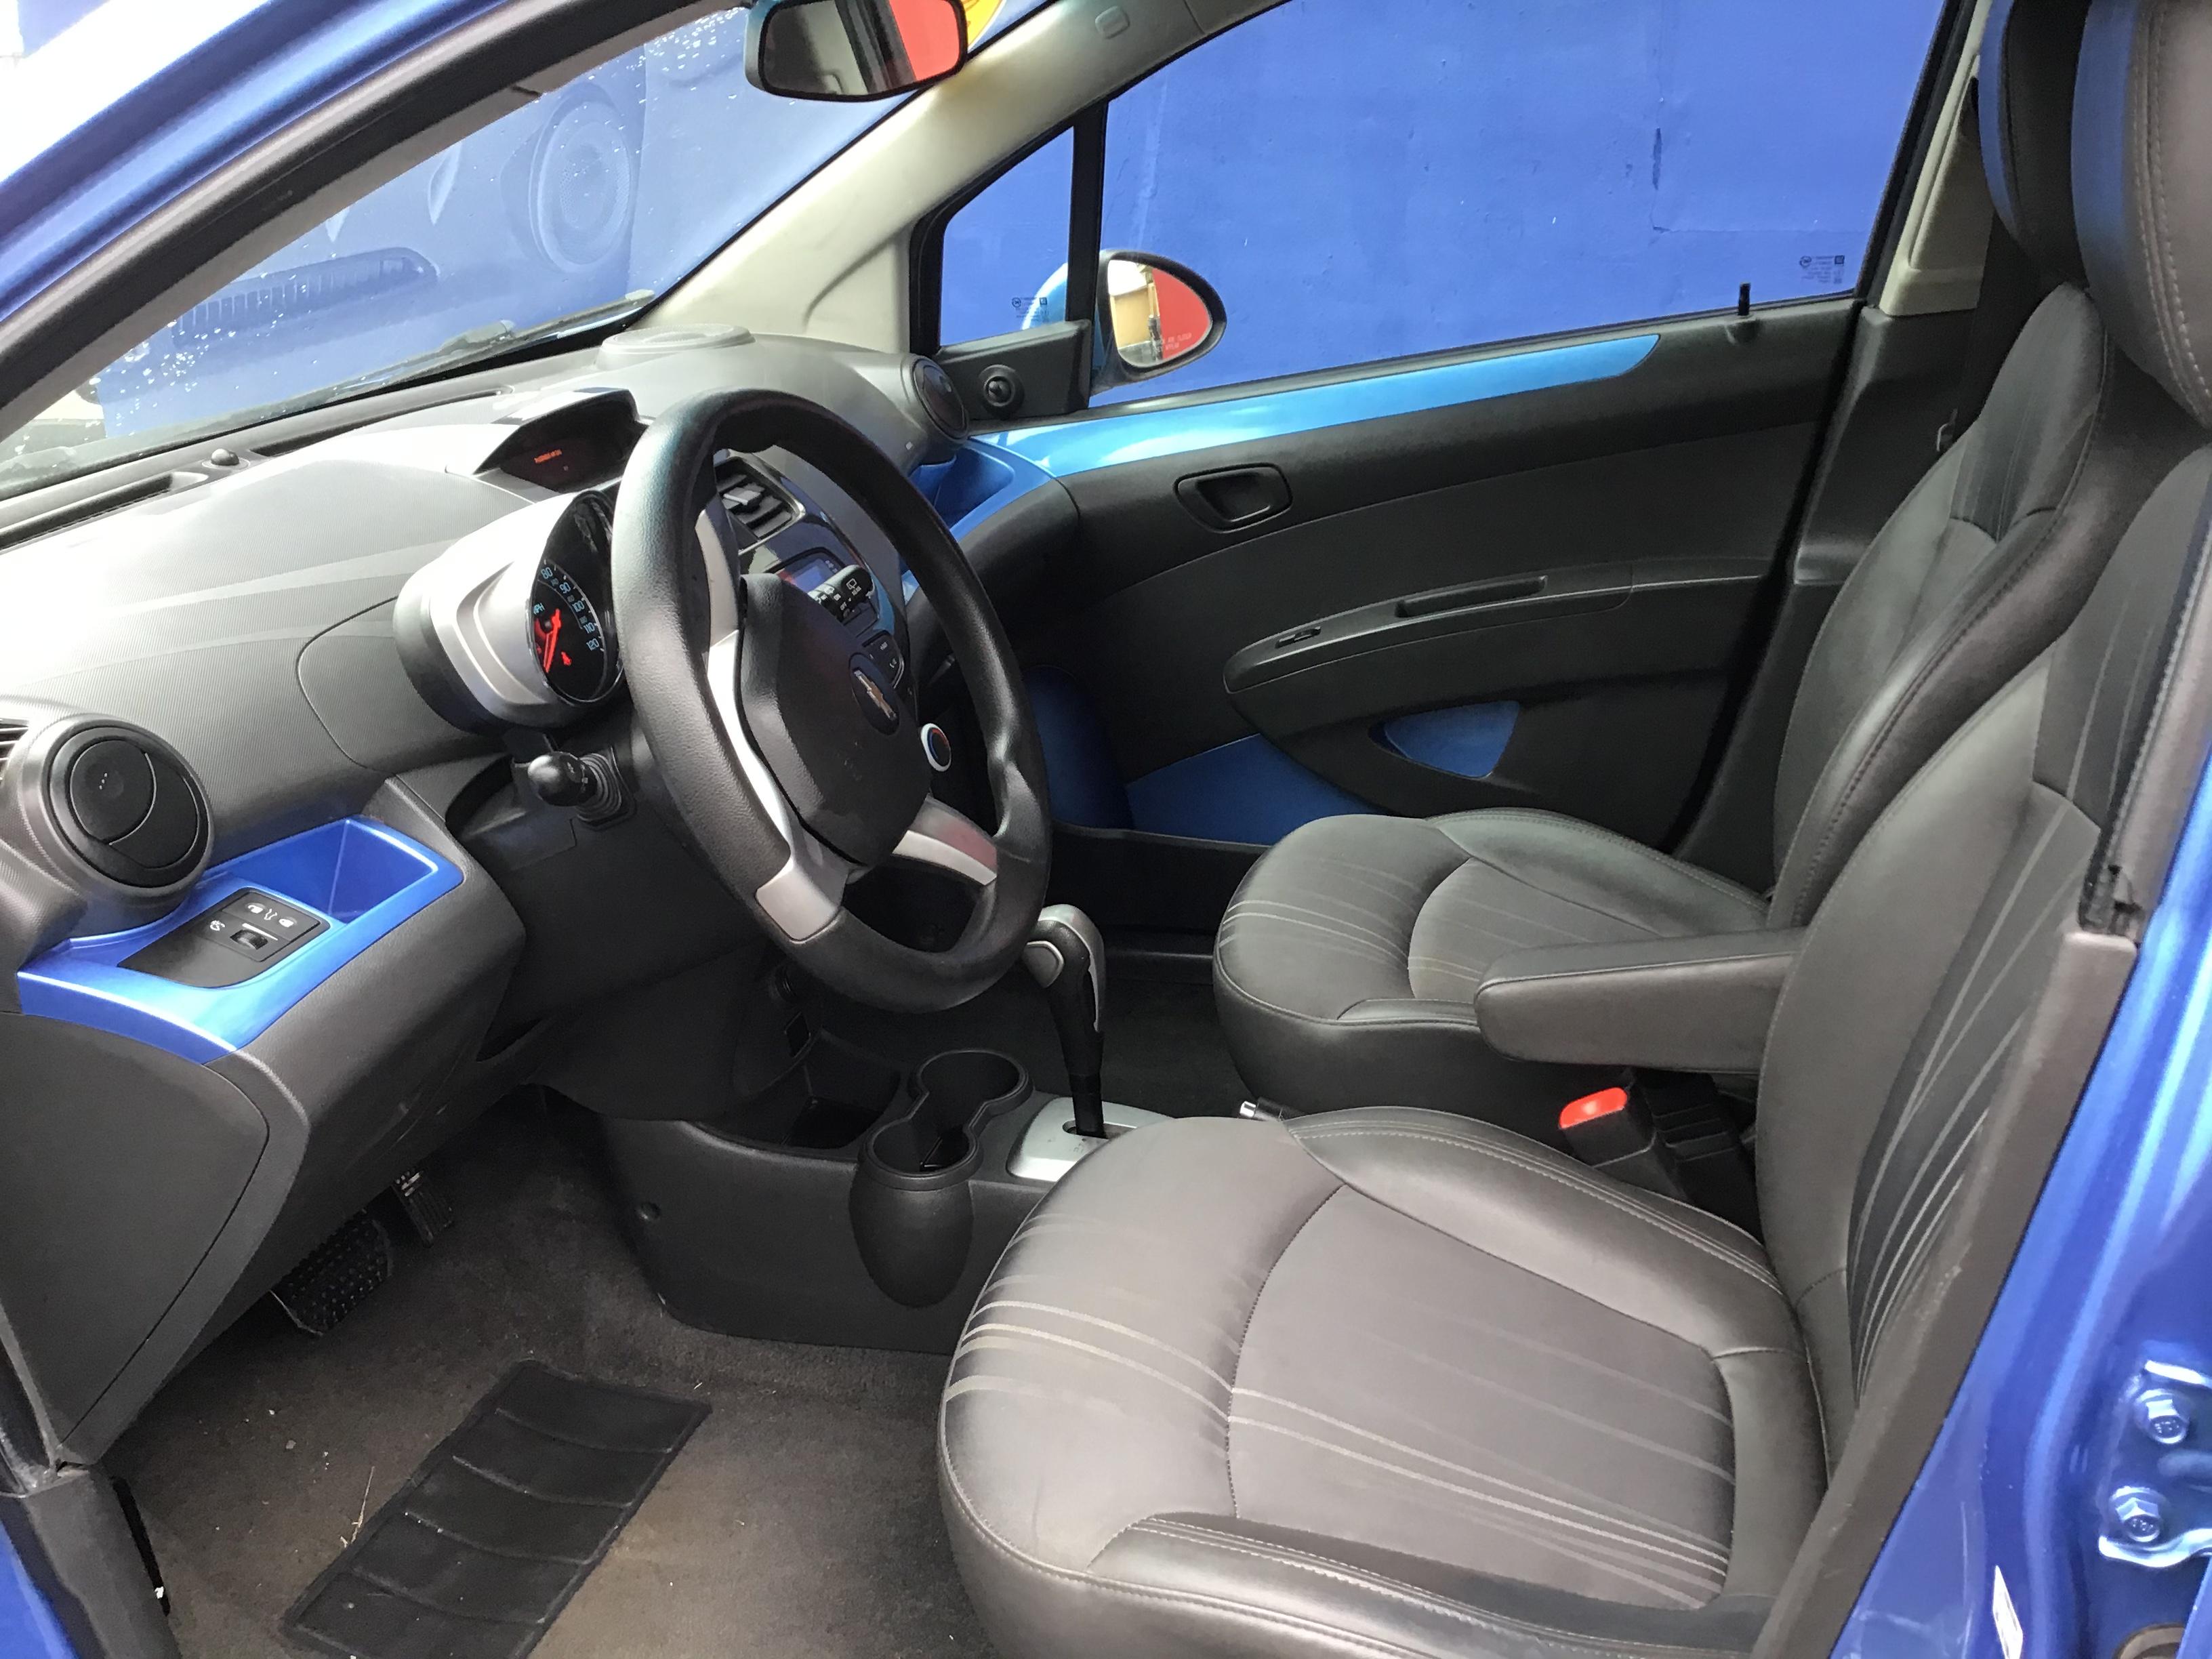 used vehicle - Sedan CHEVROLET SPARK 2014